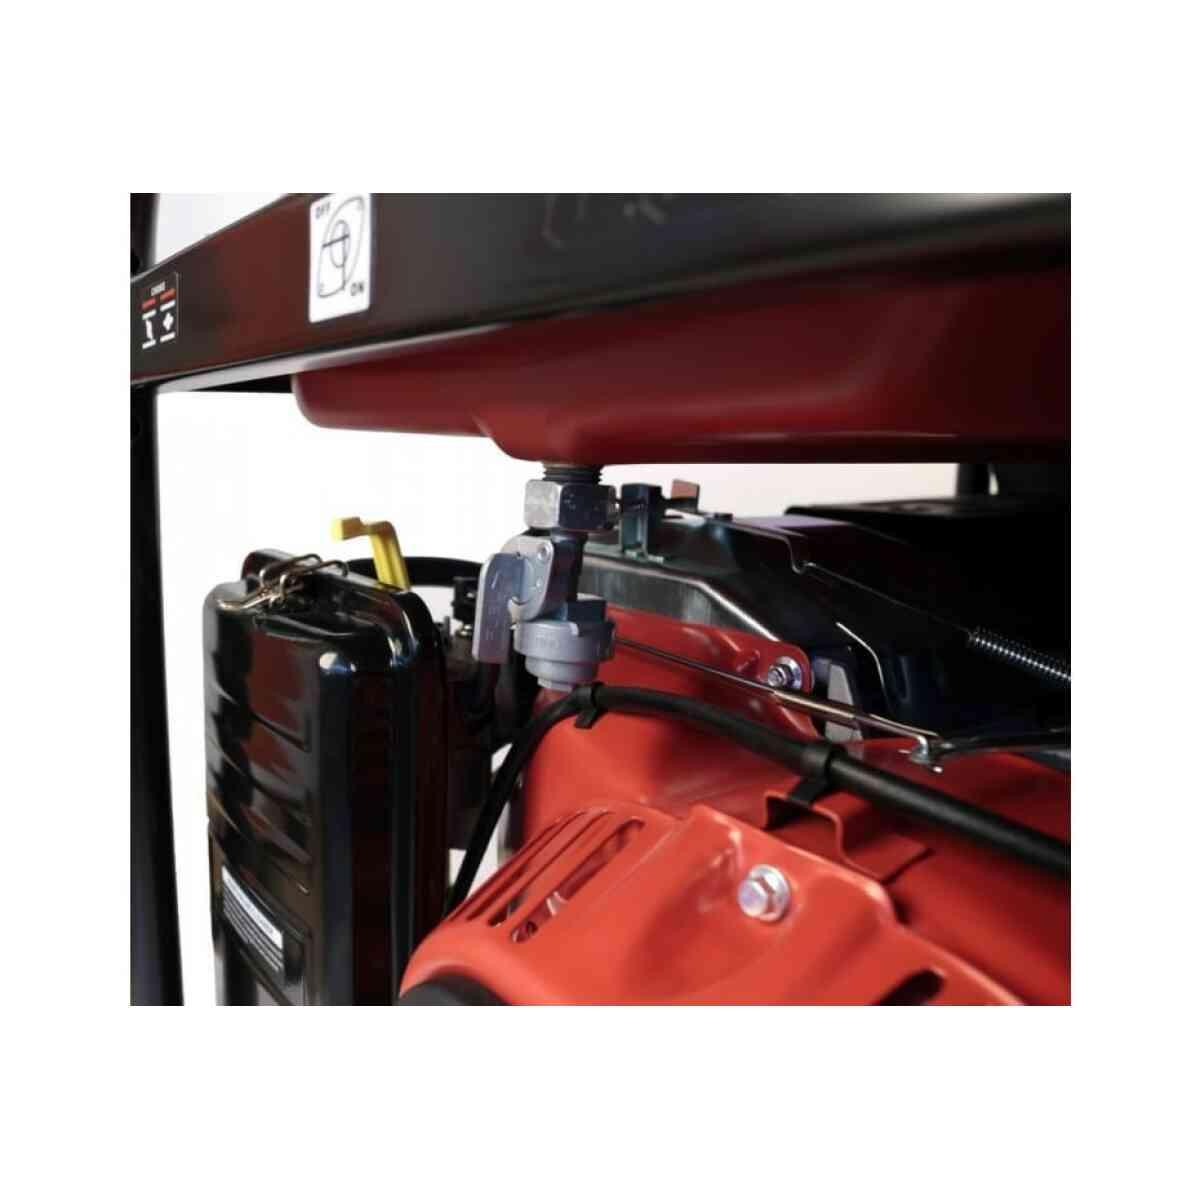 generator loncin 55 kw 220v a series lc6500d a padure gardina.ro 60